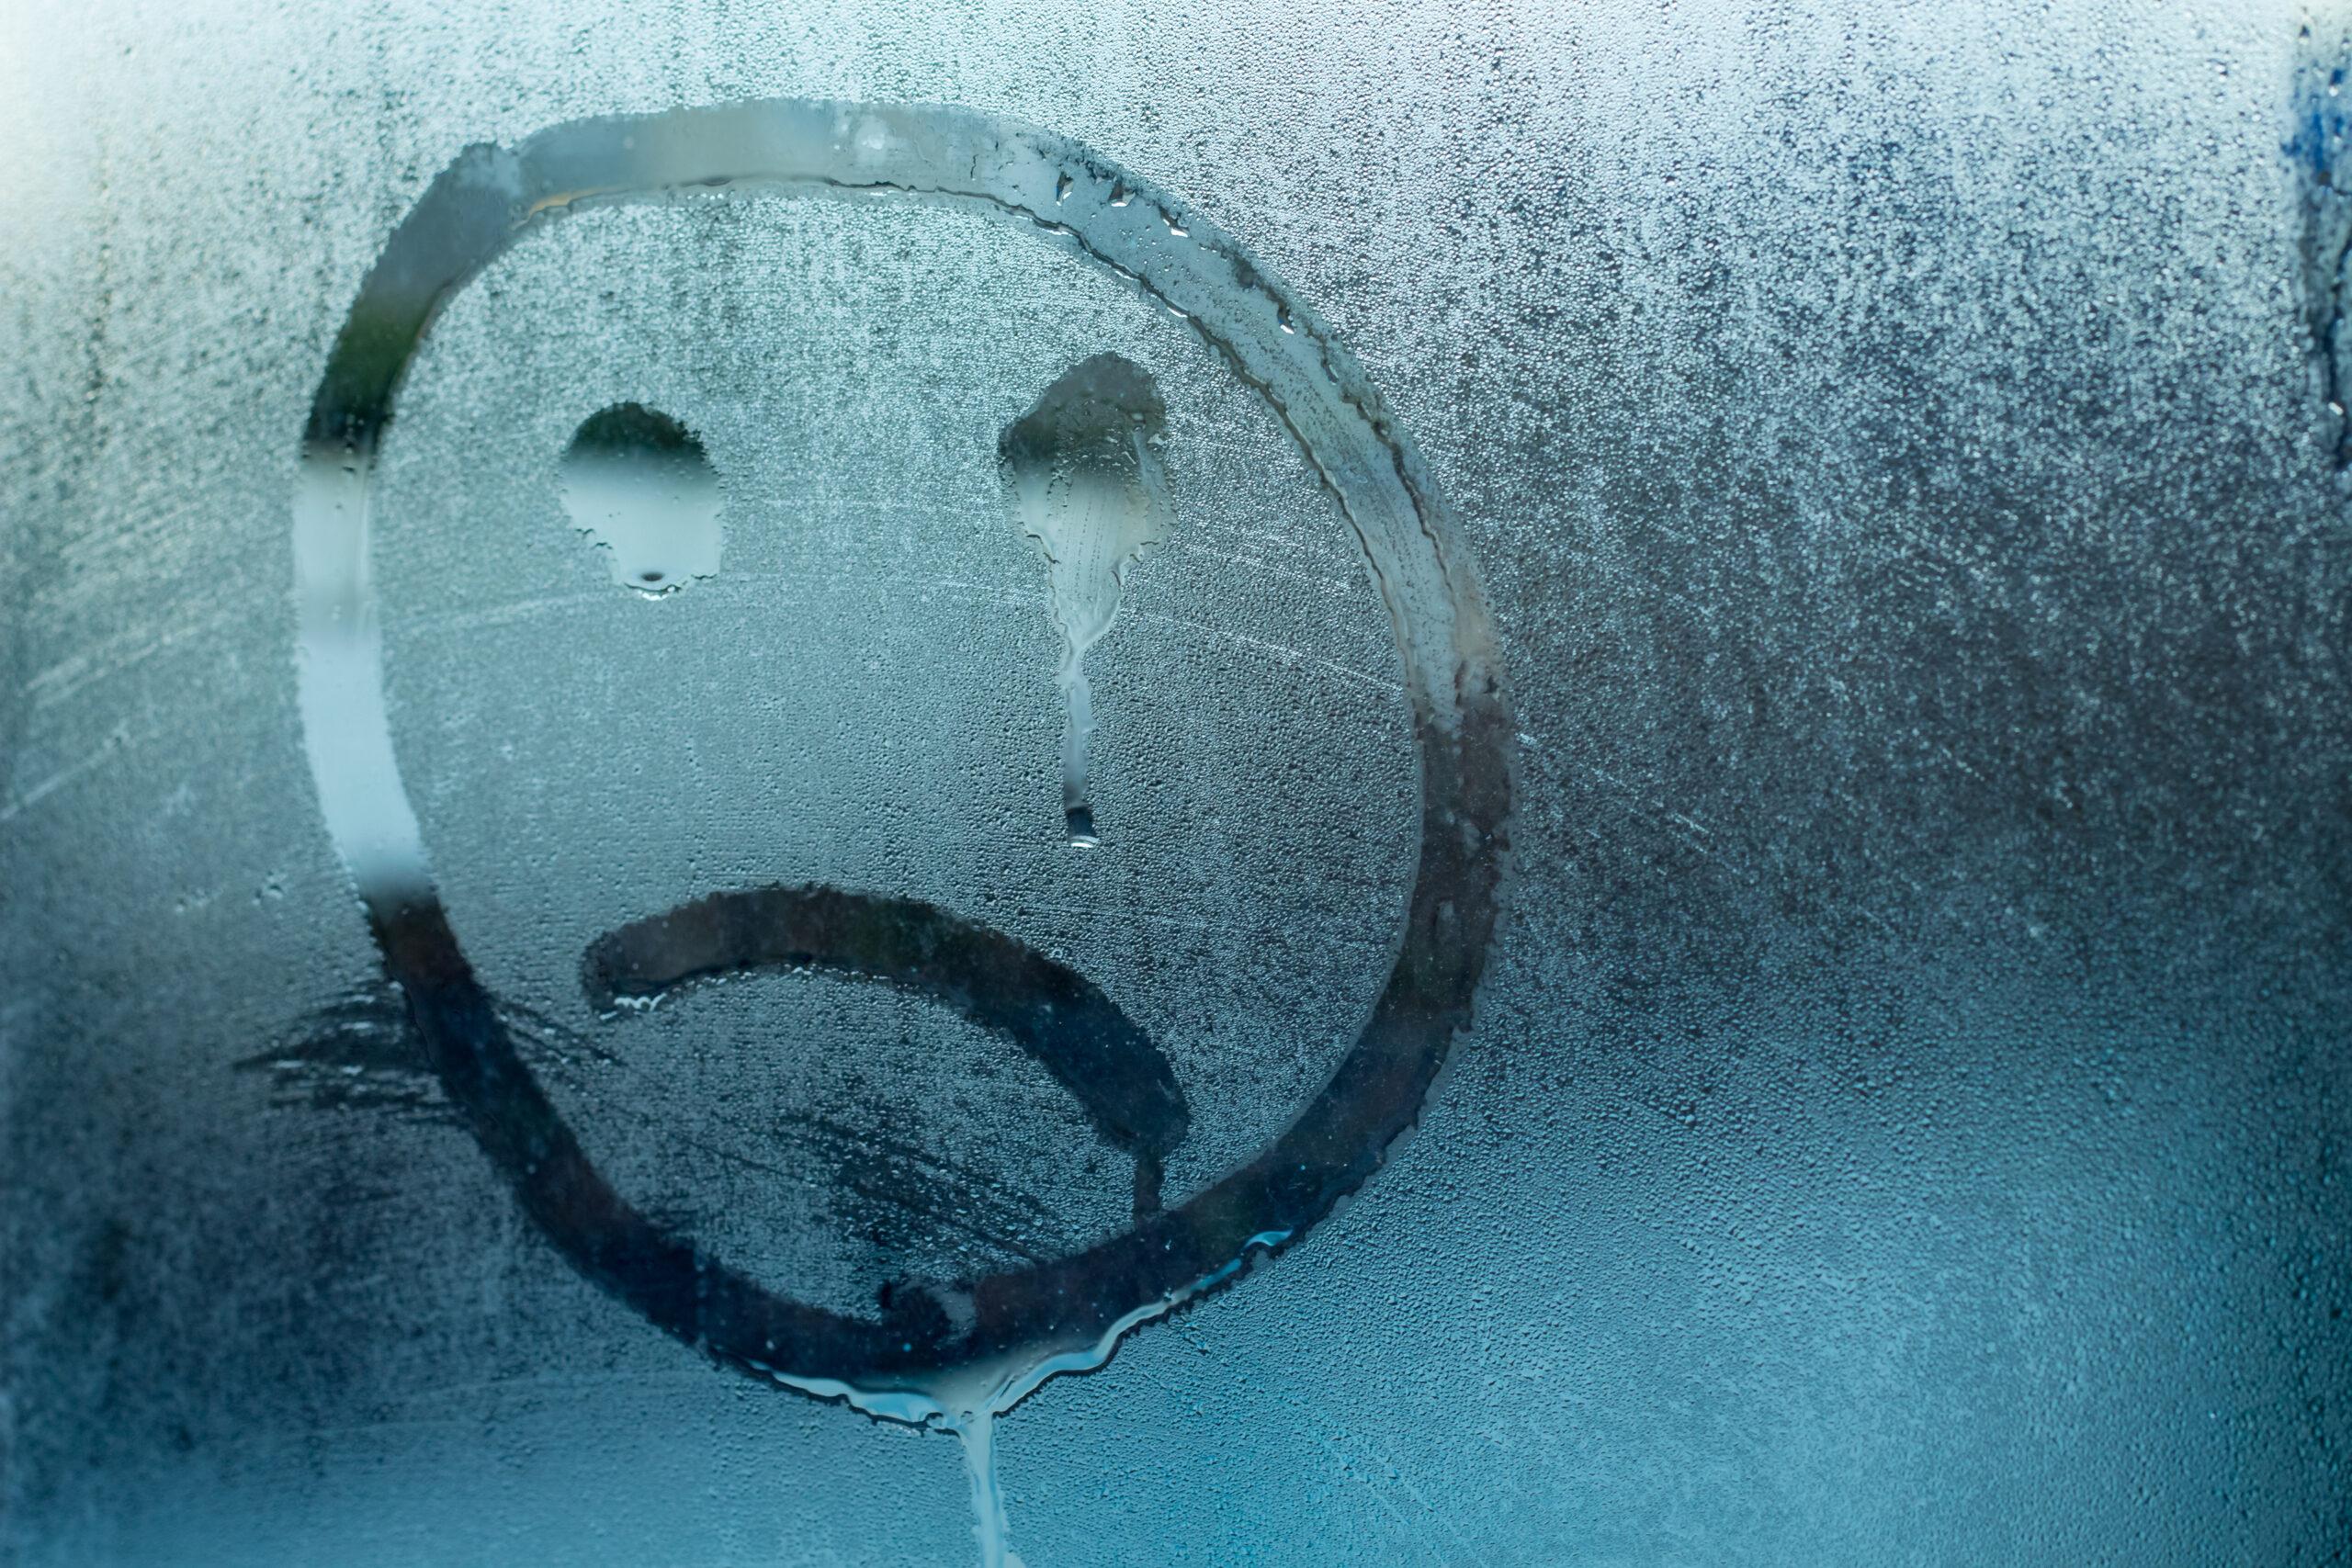 しとしと降る雨に思う、ああ憂鬱。